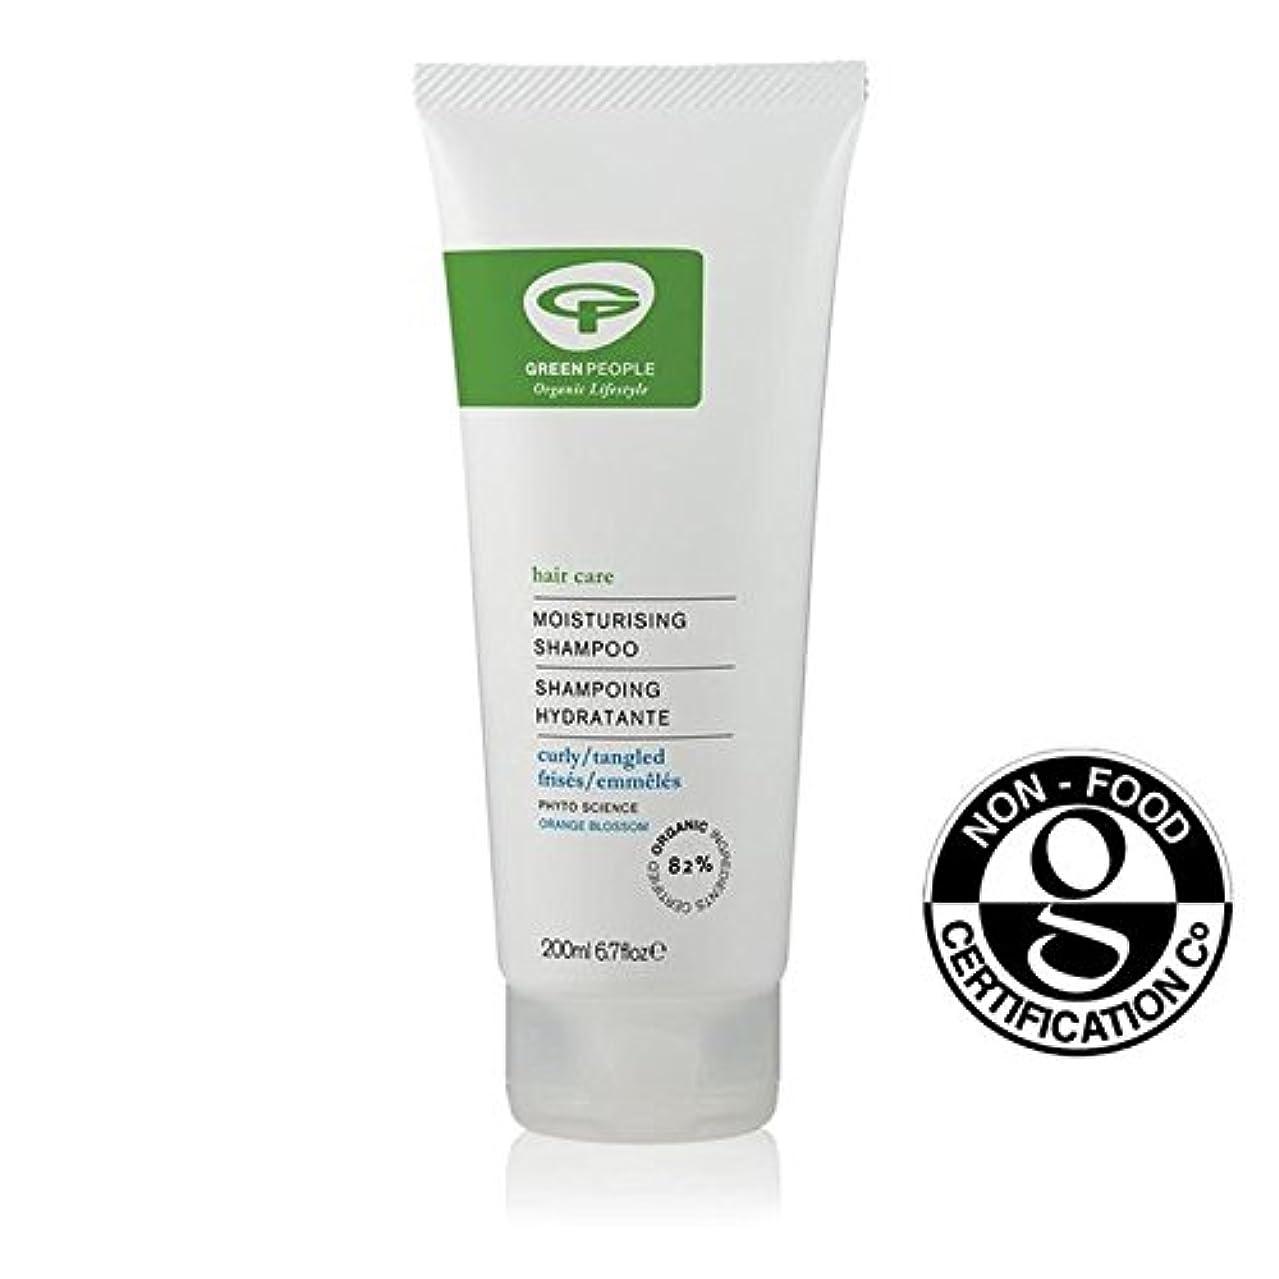 ヘロイン本体忘れっぽい緑の人々の有機保湿シャンプー200ミリリットル x4 - Green People Organic Moisturising Shampoo 200ml (Pack of 4) [並行輸入品]